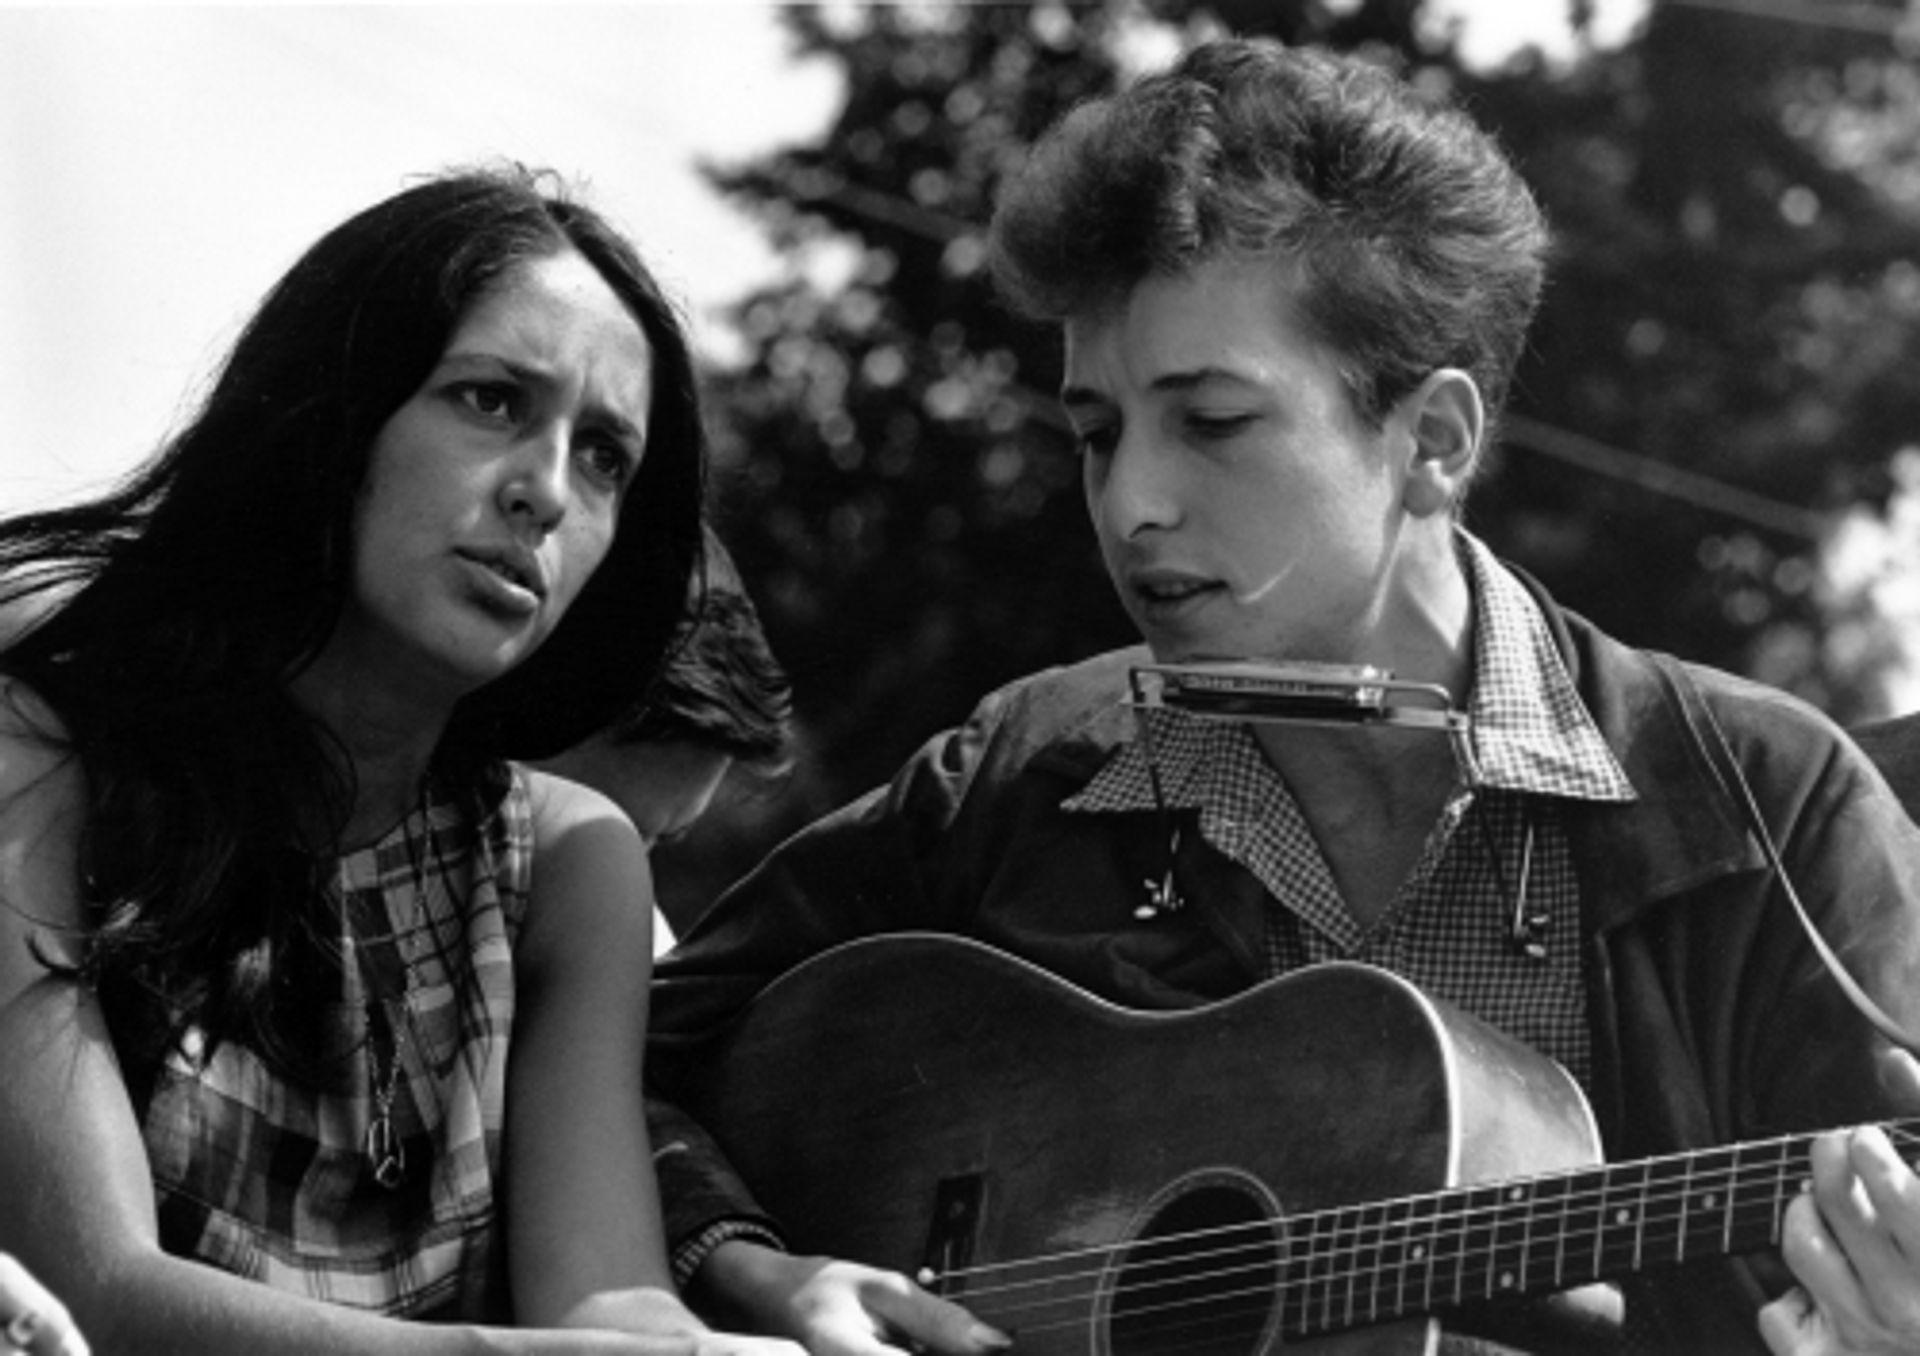 Joost draaide de nieuwste Bob Dylan... van 17 minuten